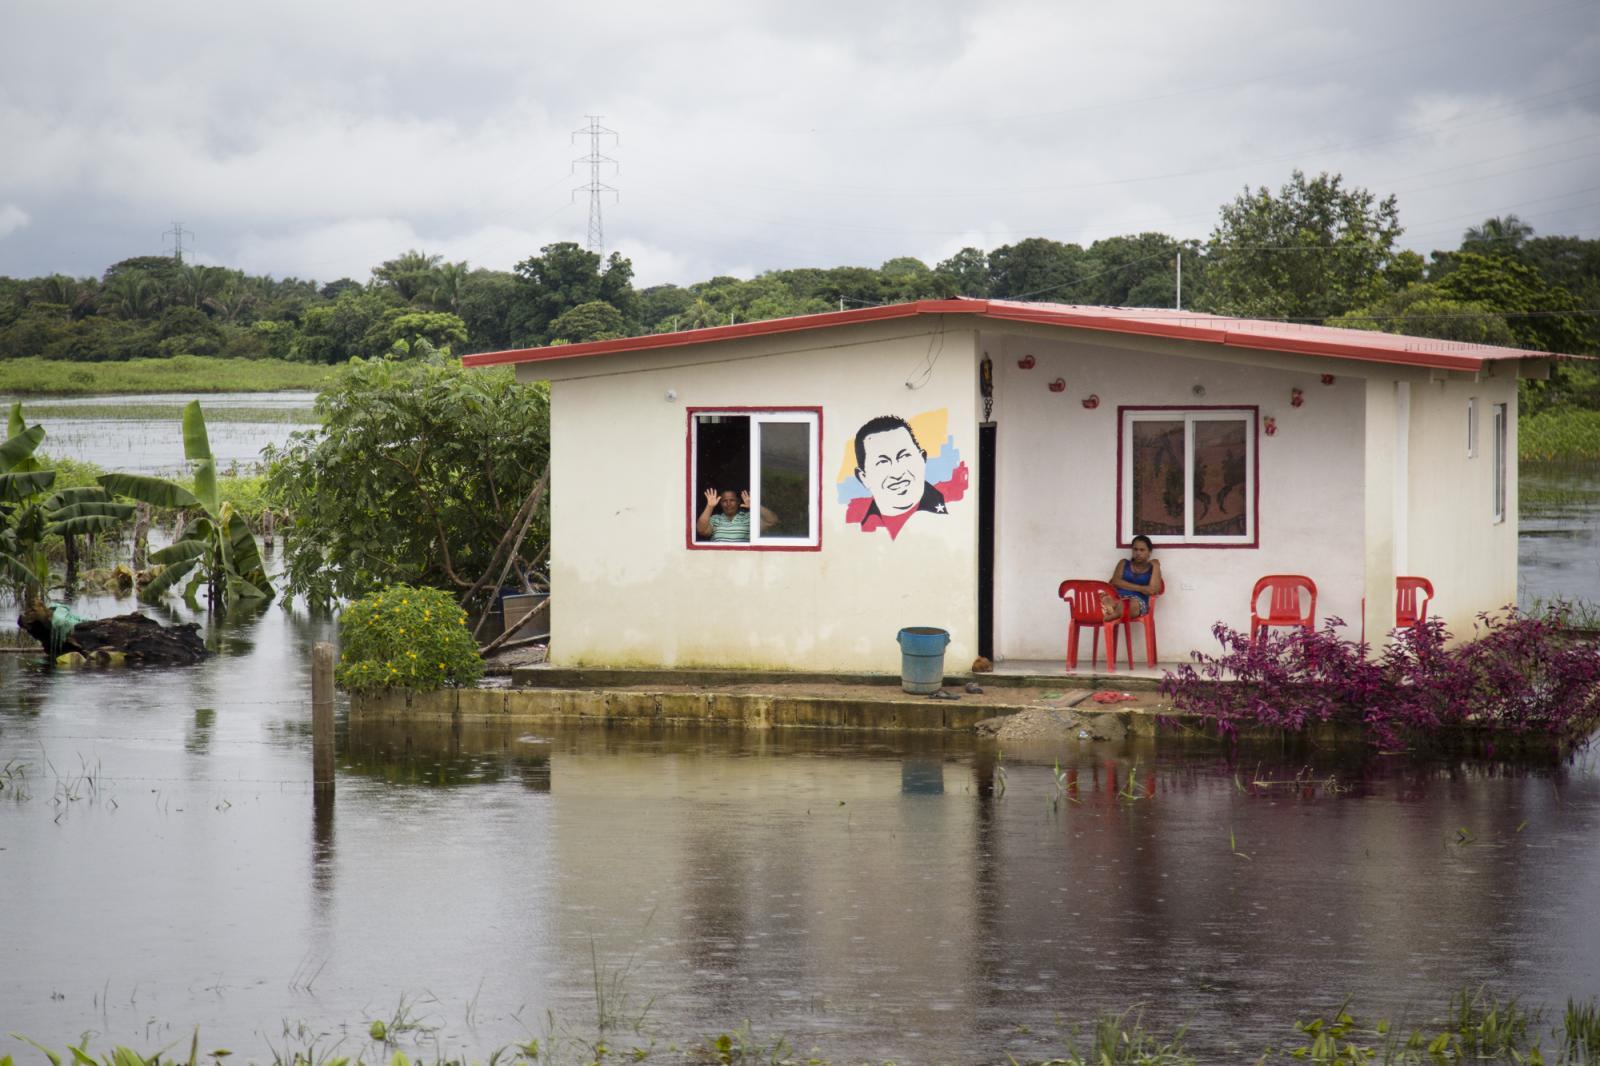 Una casa con un retrato del ex presidente venezolano y líder de la revolución socialista, Hugo Chávez, en medio de la carretera inundada en Guasdualito, estado Apure, el 6 de julio de 2015.